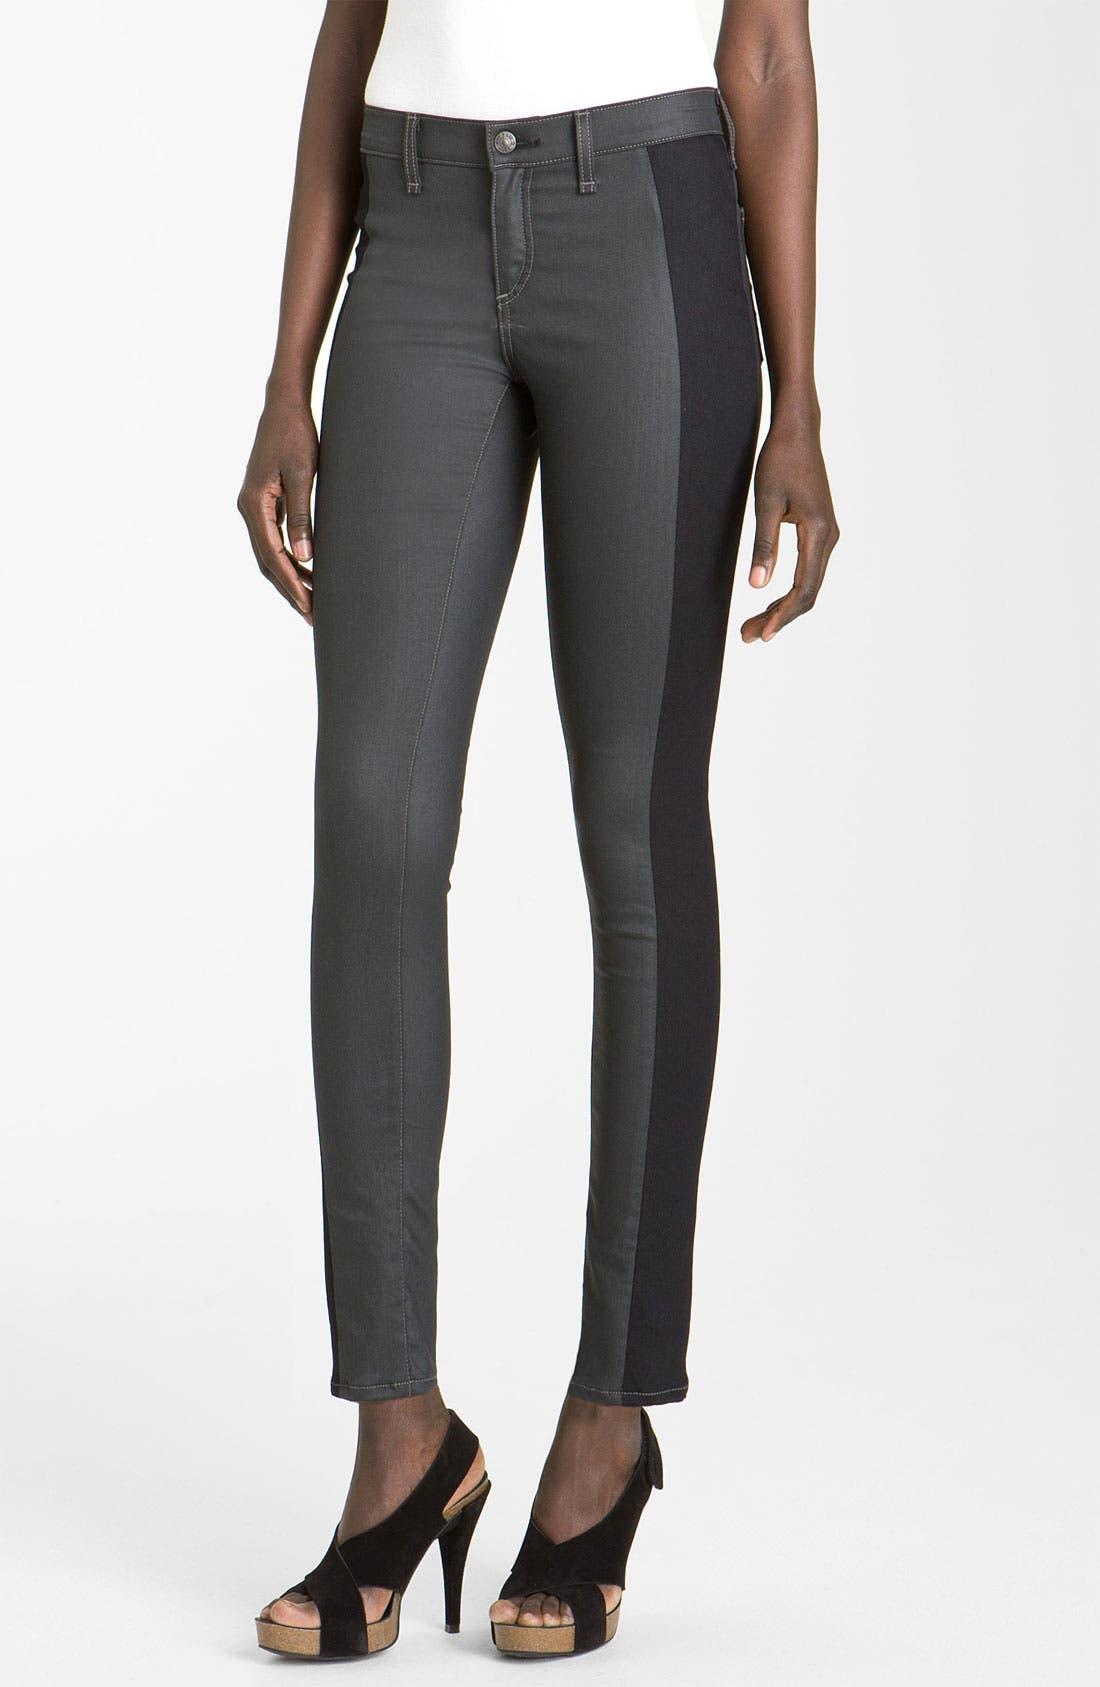 Alternate Image 1 Selected - rag & bone/JEAN Slim Tuxedo Stripe Jeans